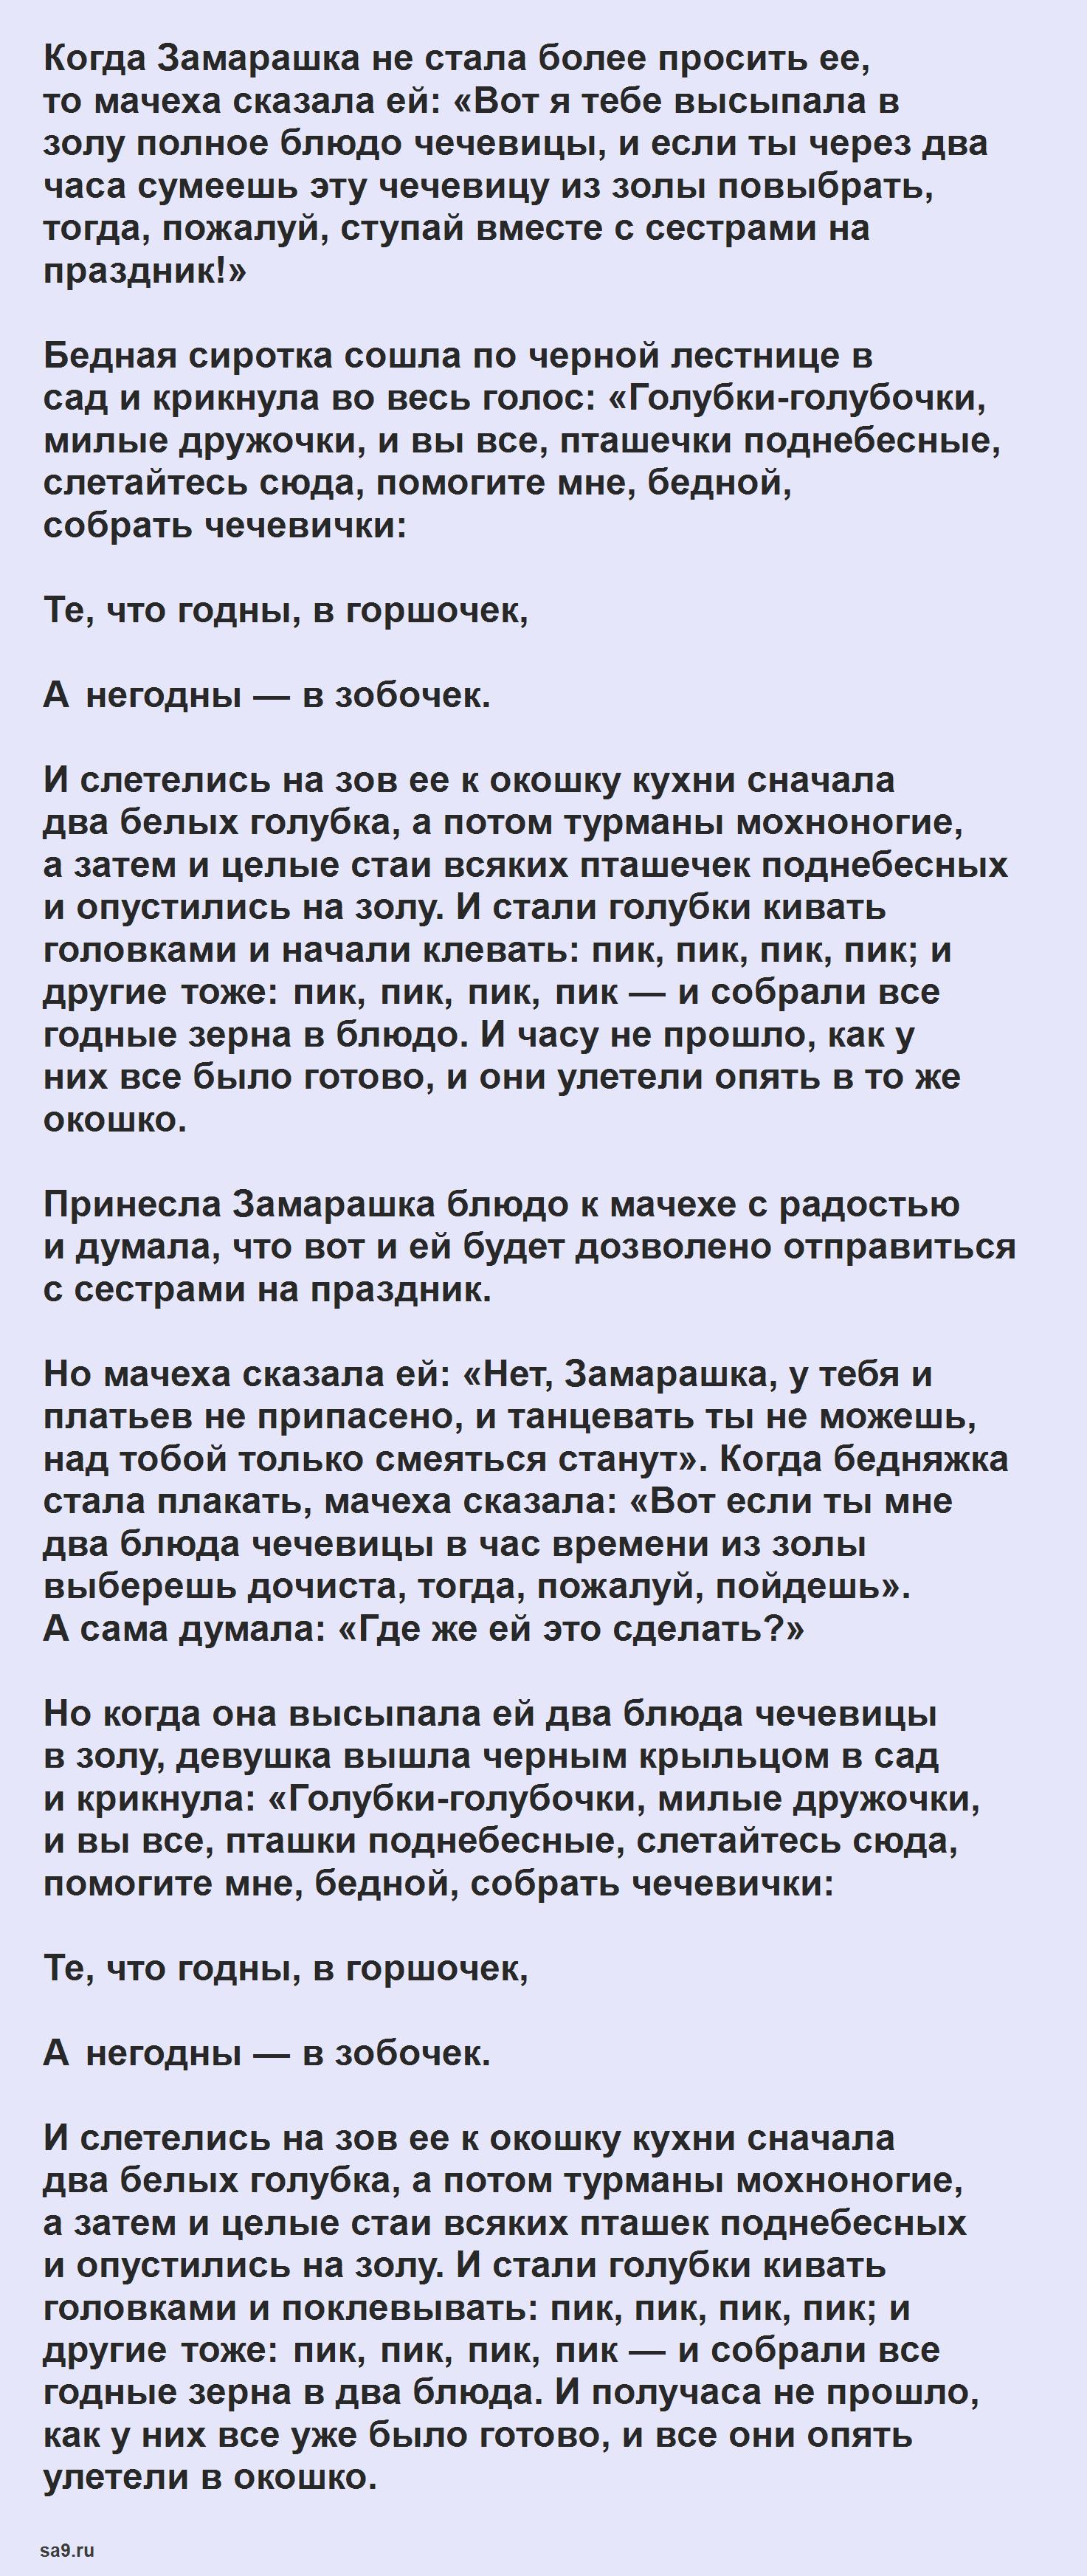 Читать интересную сказку - Замарашка, братья Гримм